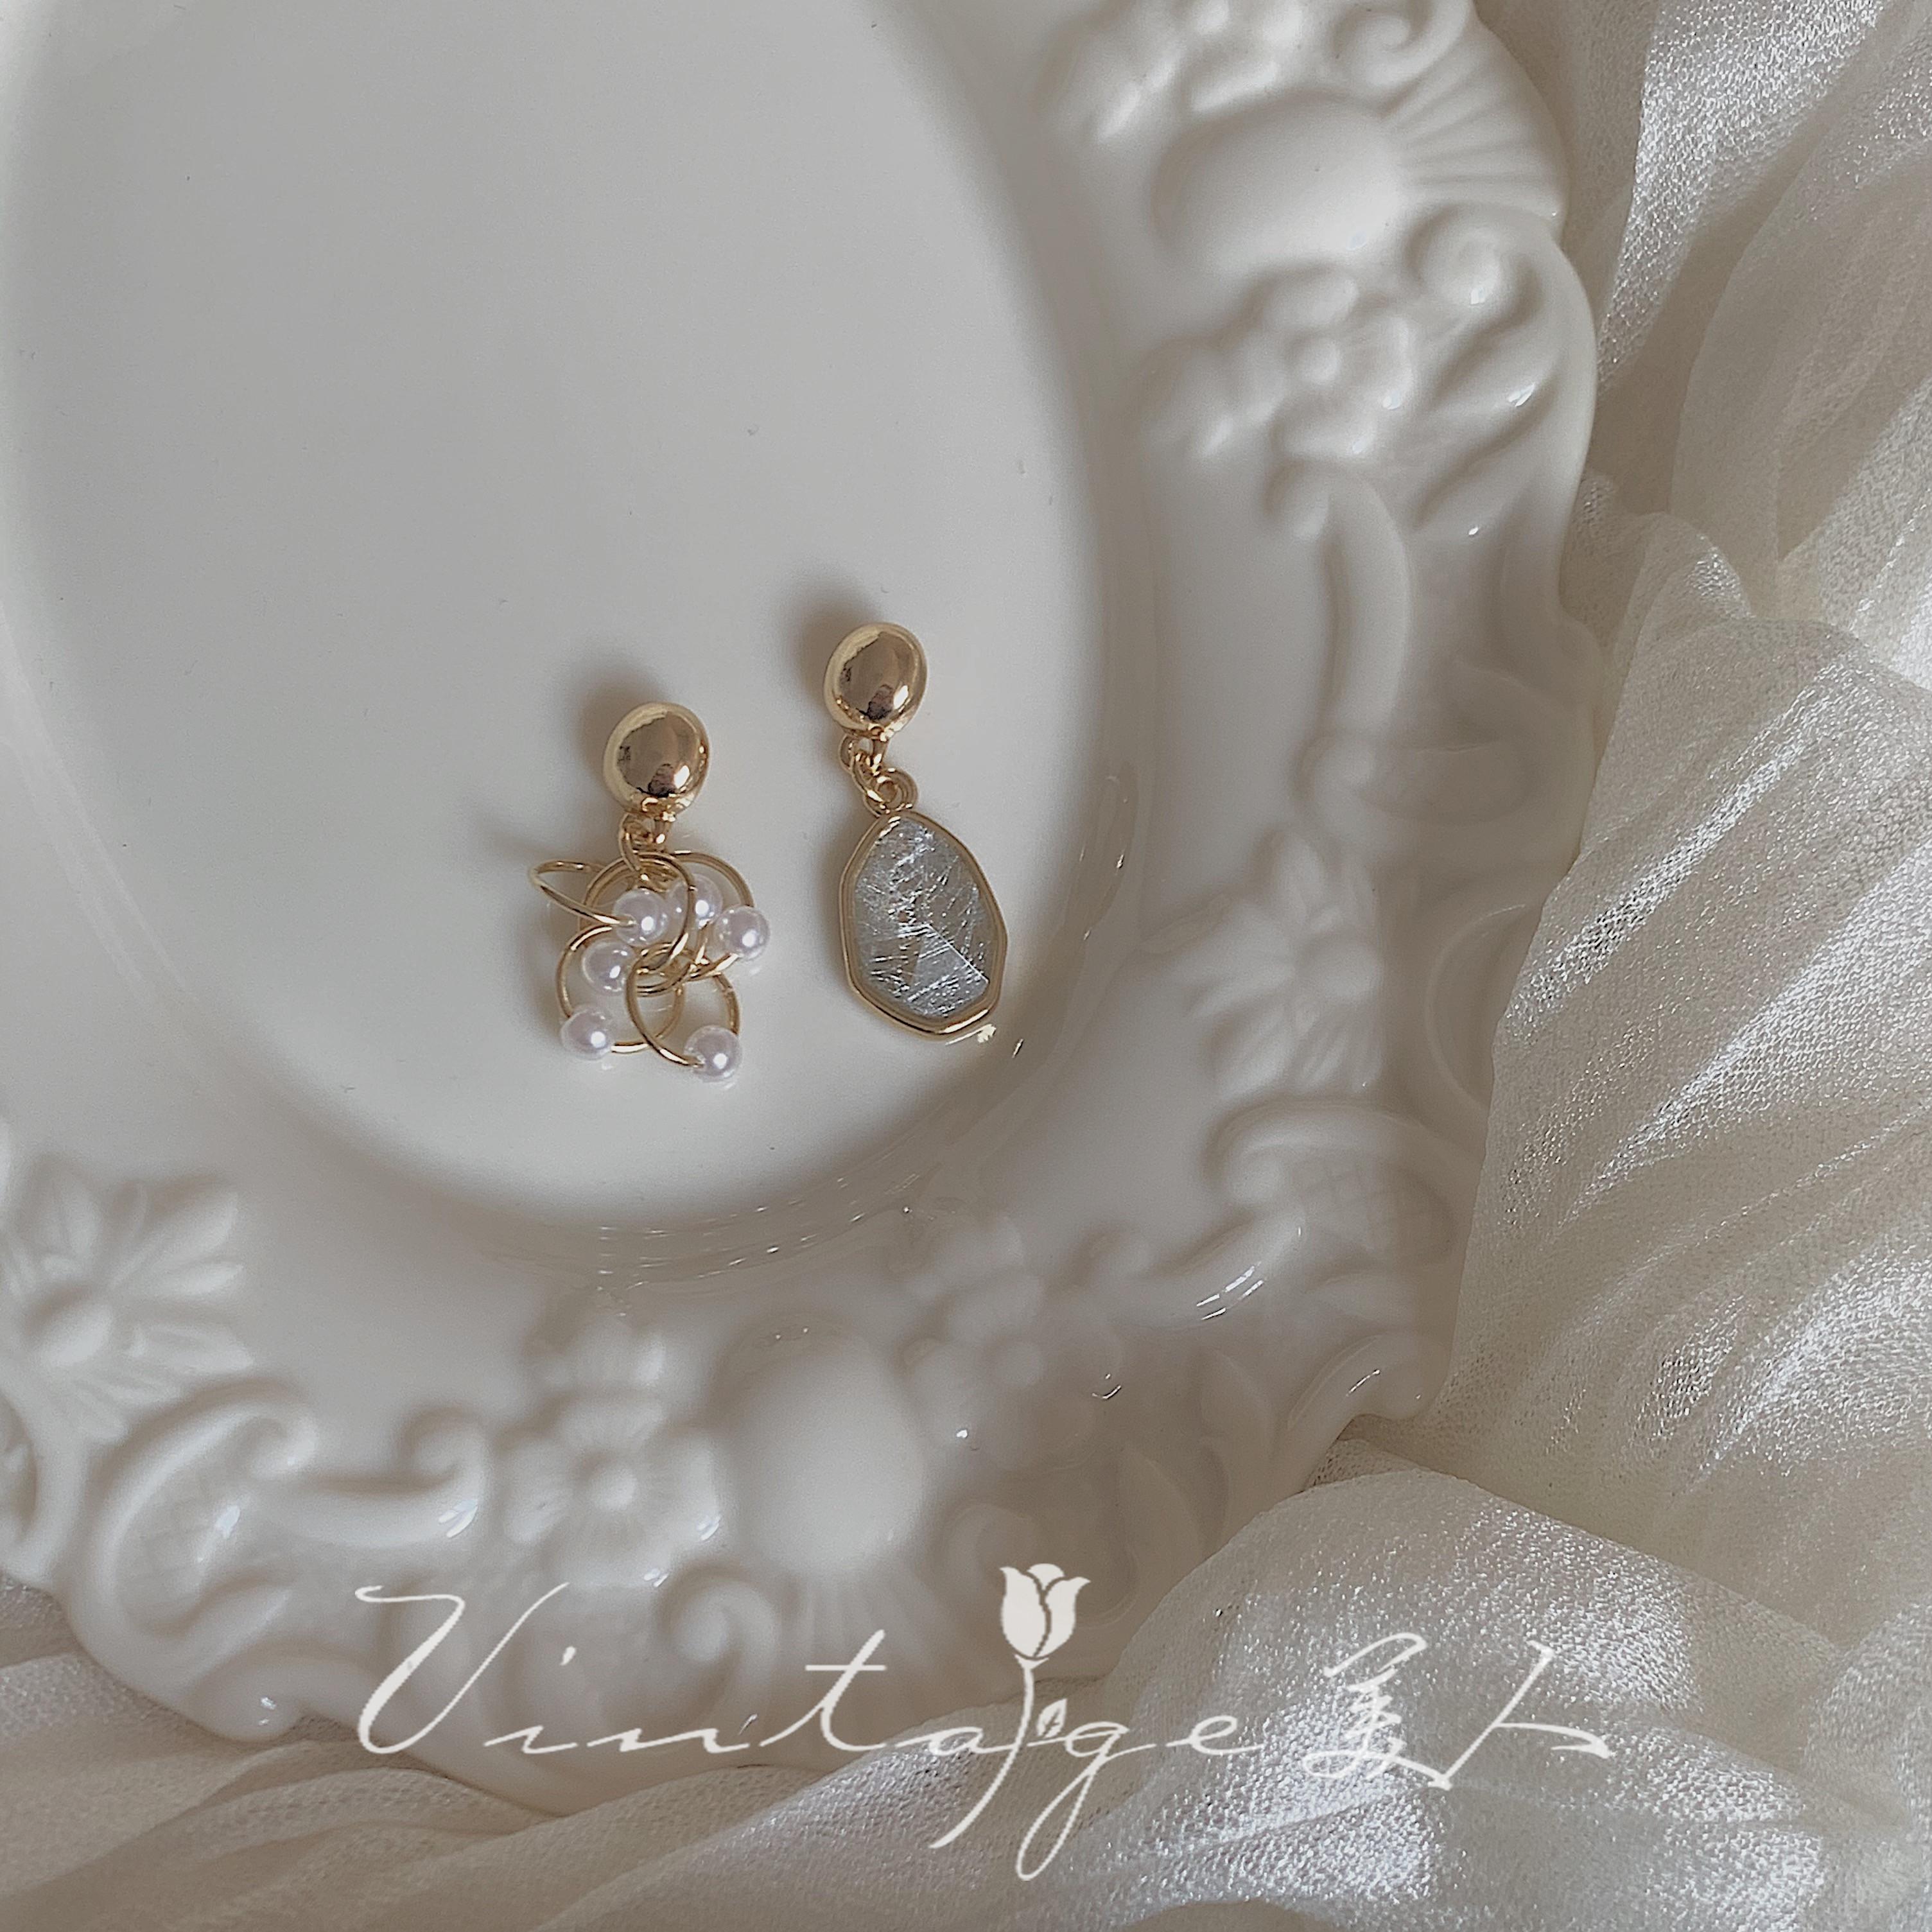 「歌与夜莺」灰色梦絮 优雅简约小众不对称灰色宝石珍珠耳环/耳夹图片